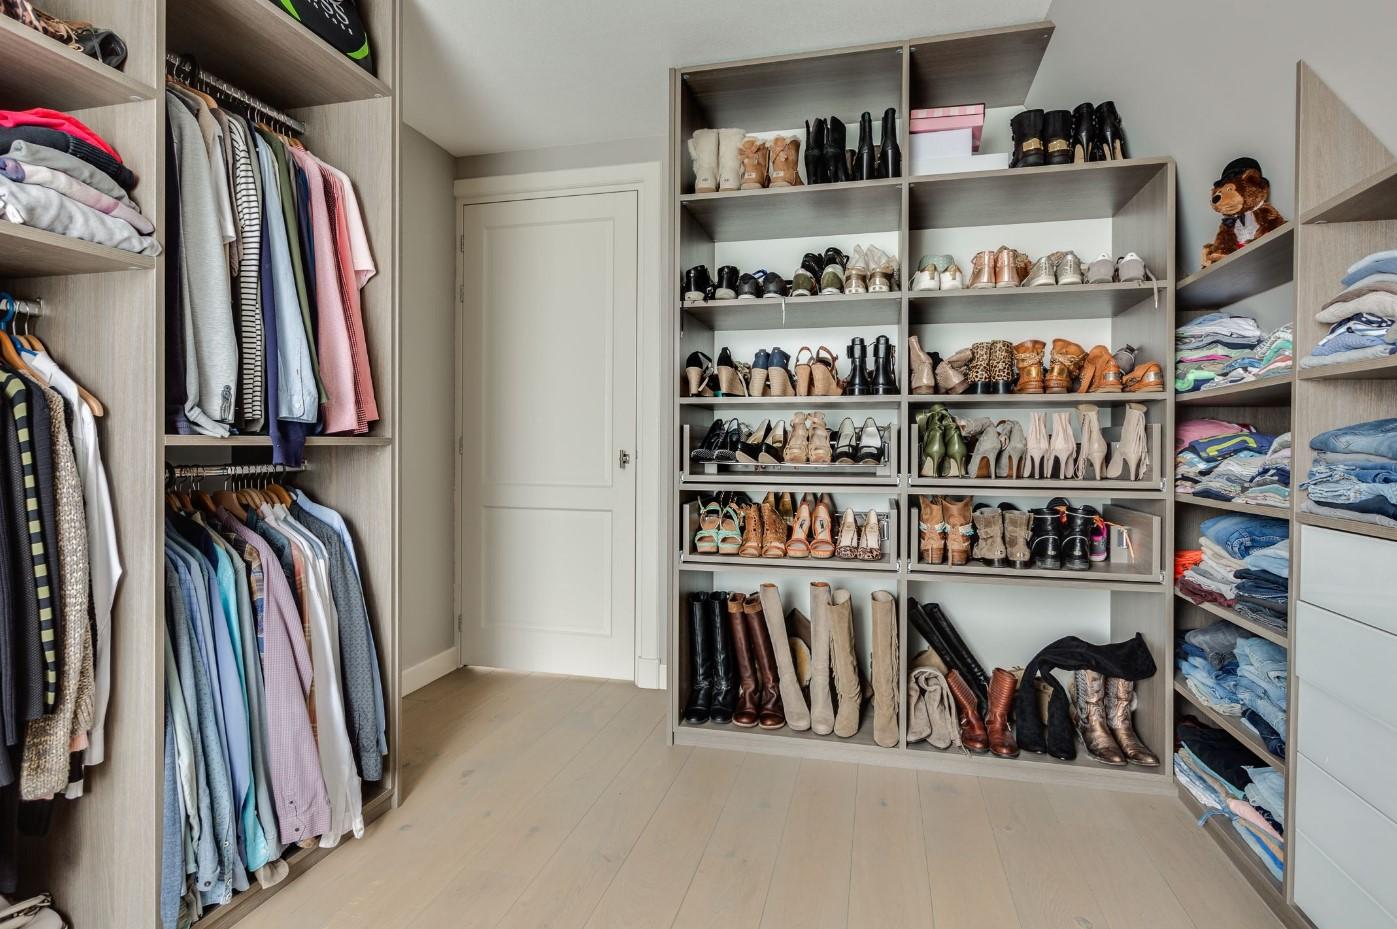 Extra Kamer Maken : Huis kopen met inloopkast of er zelf een maken? 5 ideeën! academica